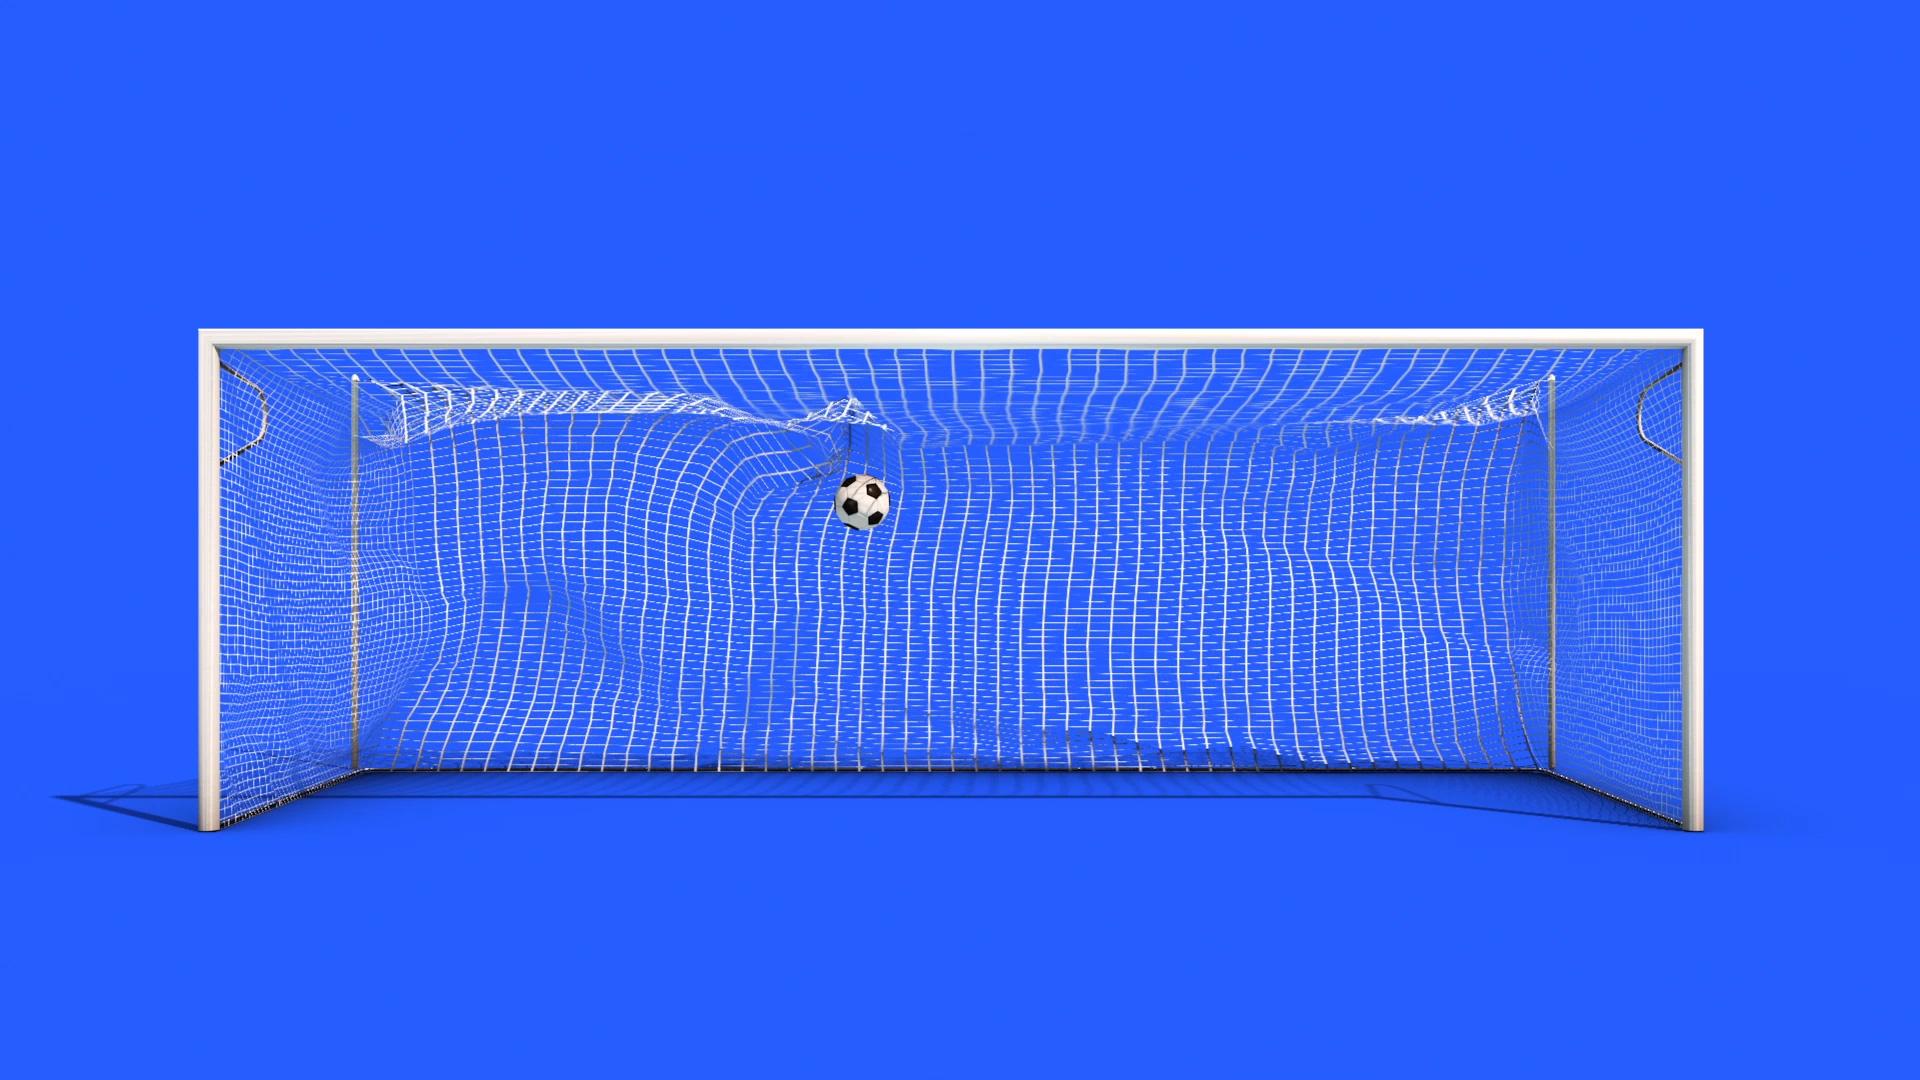 Soccer Net Dynamic - PixelBoom